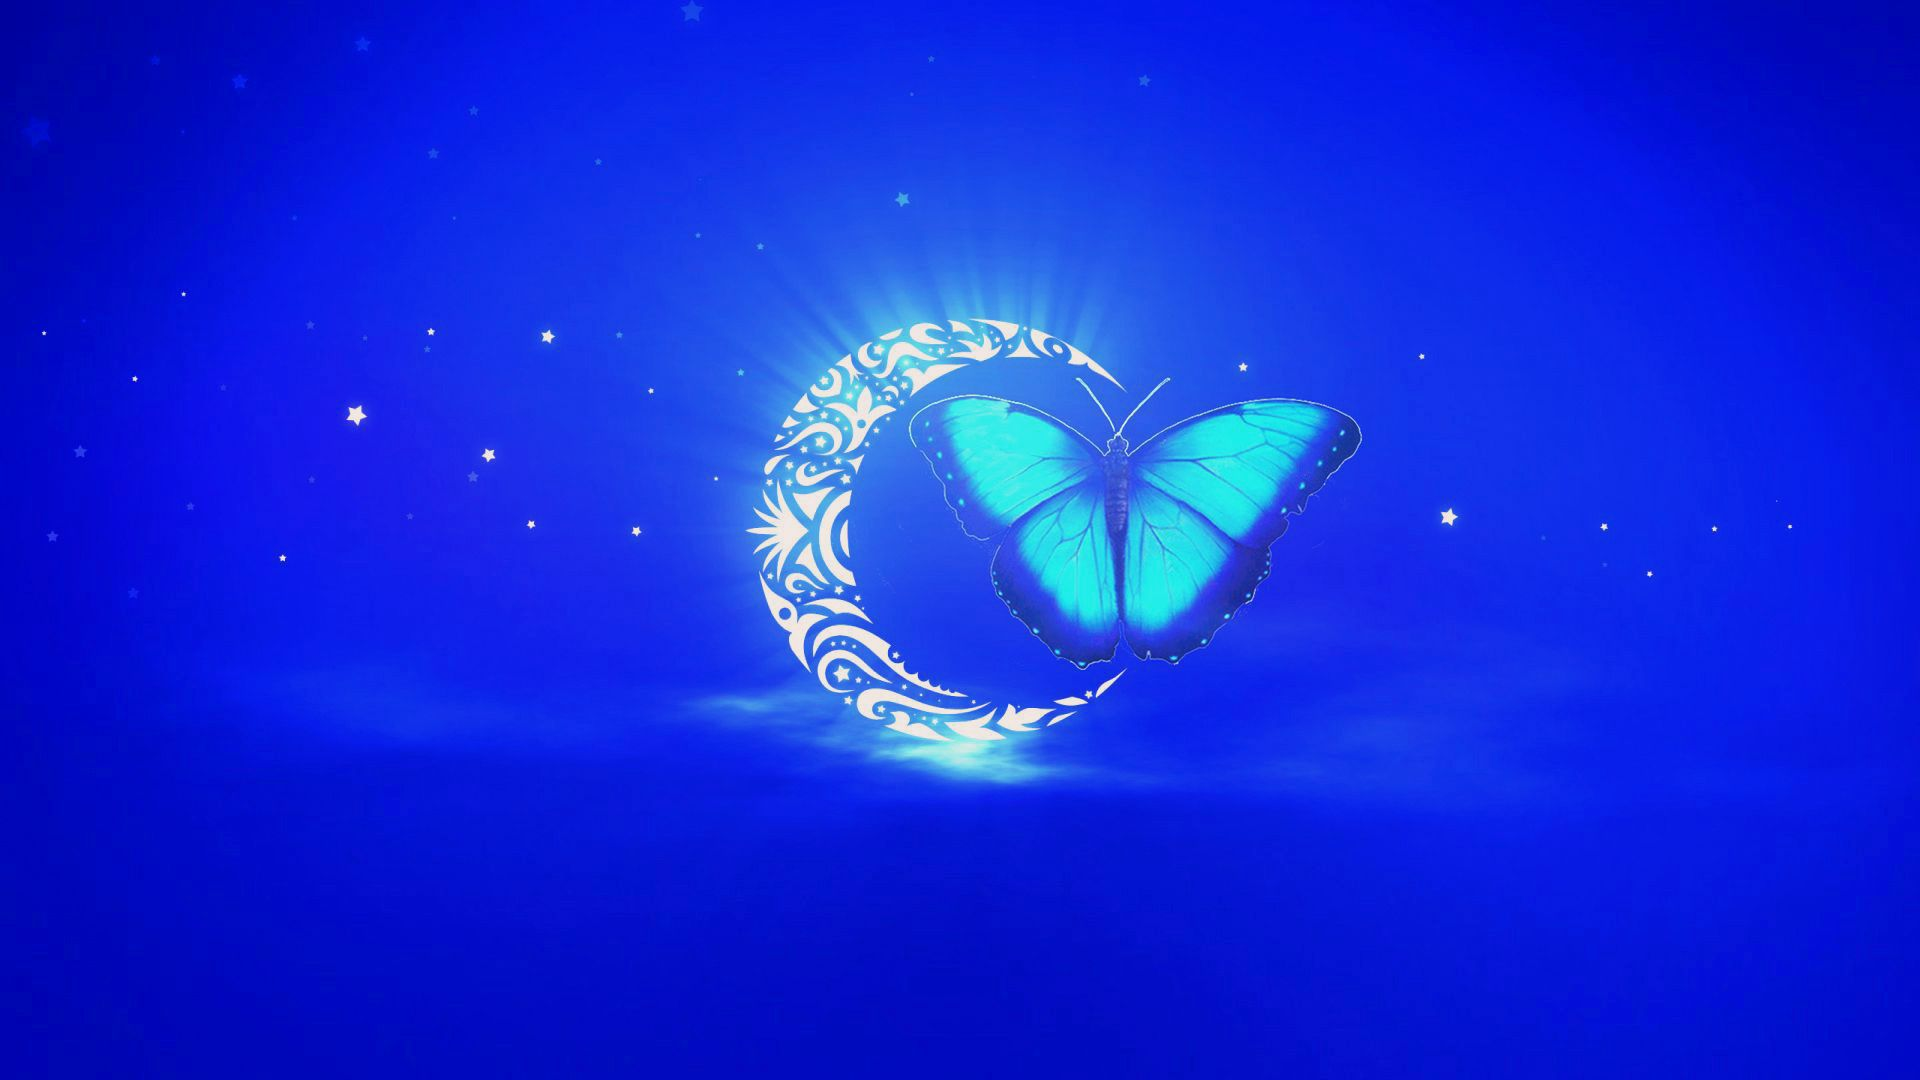 Картинки бабочек на синем фоне